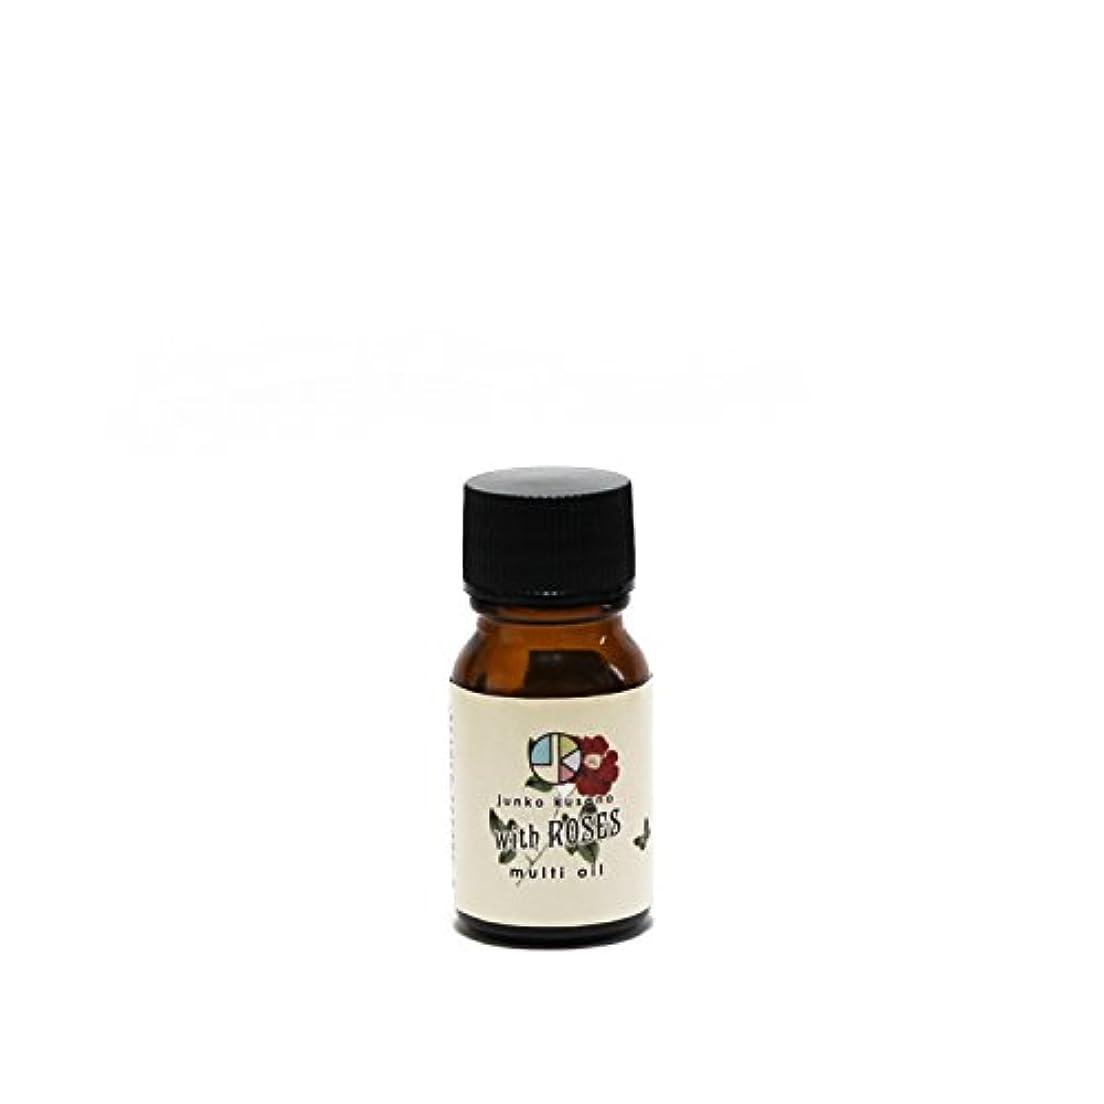 マージ統合する腸junko kusano multi oil with Roses mini マルチオイルwithローズ ミニボトル10ml